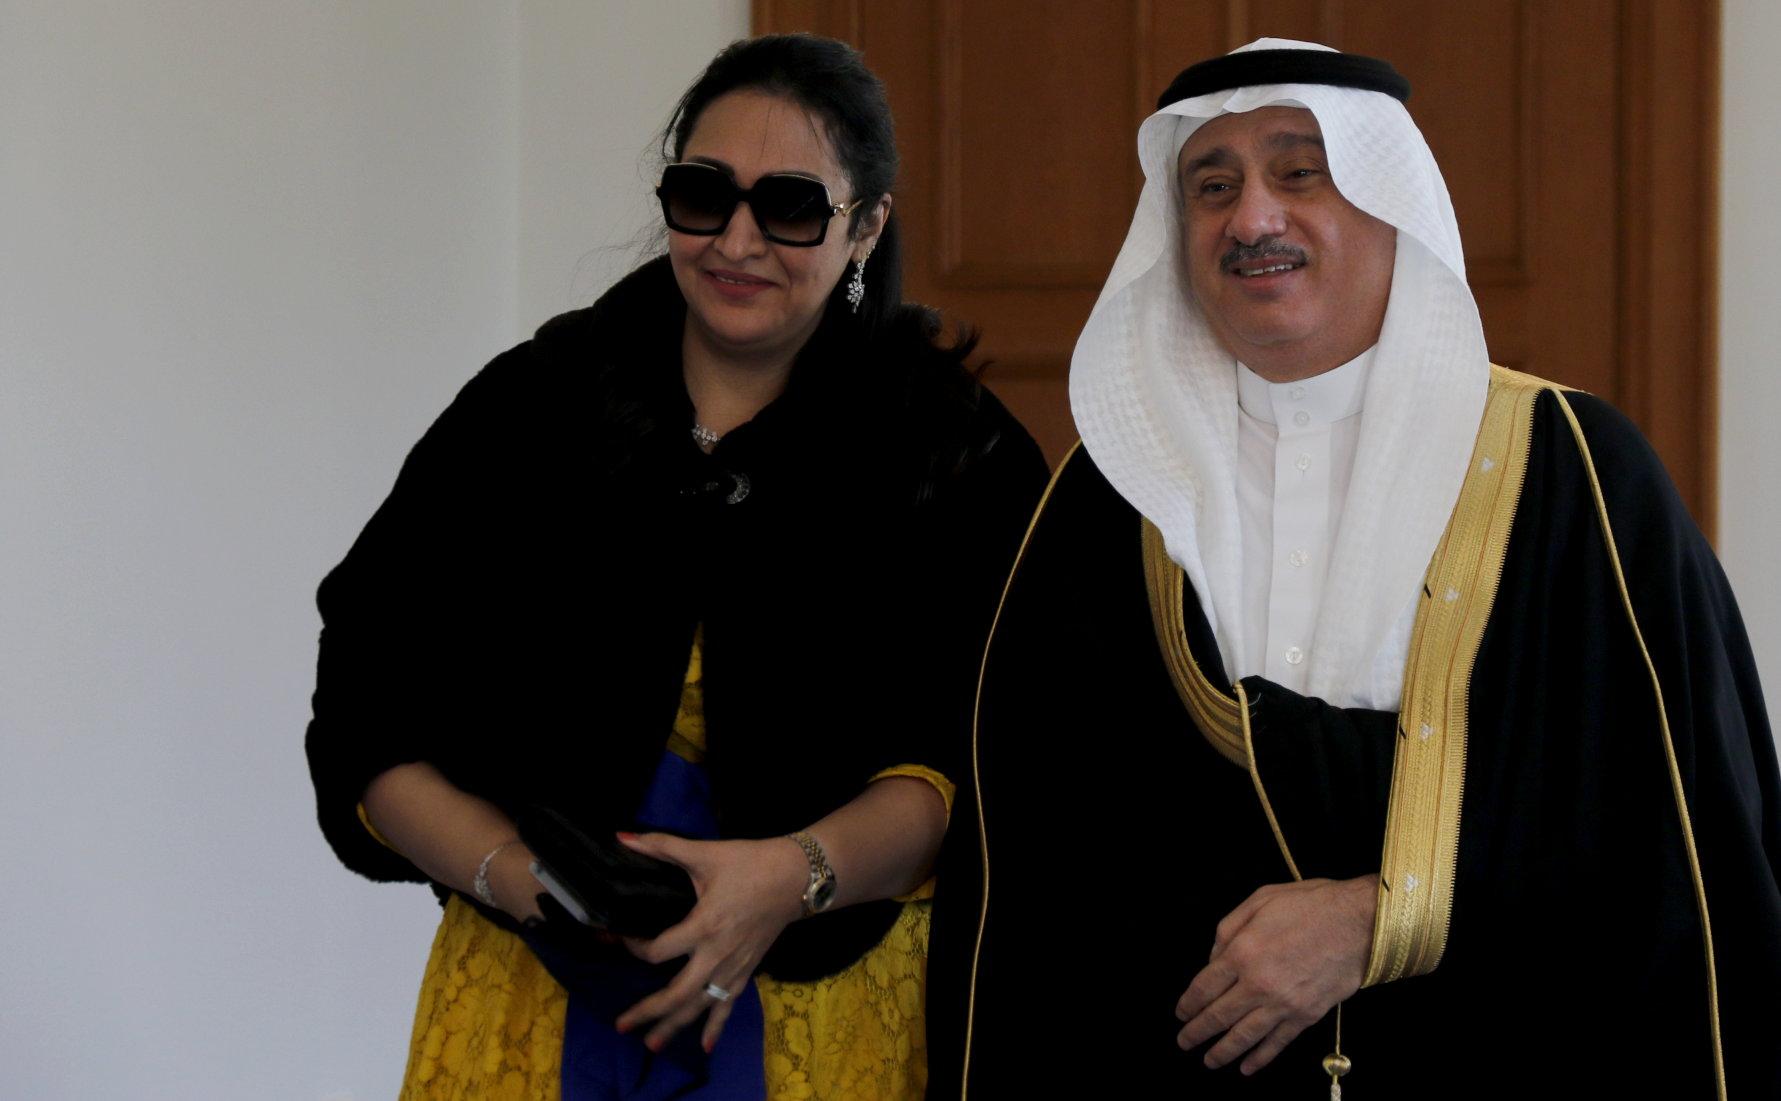 Botschafter des Königreichs Saudi-Arabien, Essam Ibrahim H. Baitalmal, bei Bundespräsident Frank-Walter Steinmeier im Schloss Bellevue akkreditiert